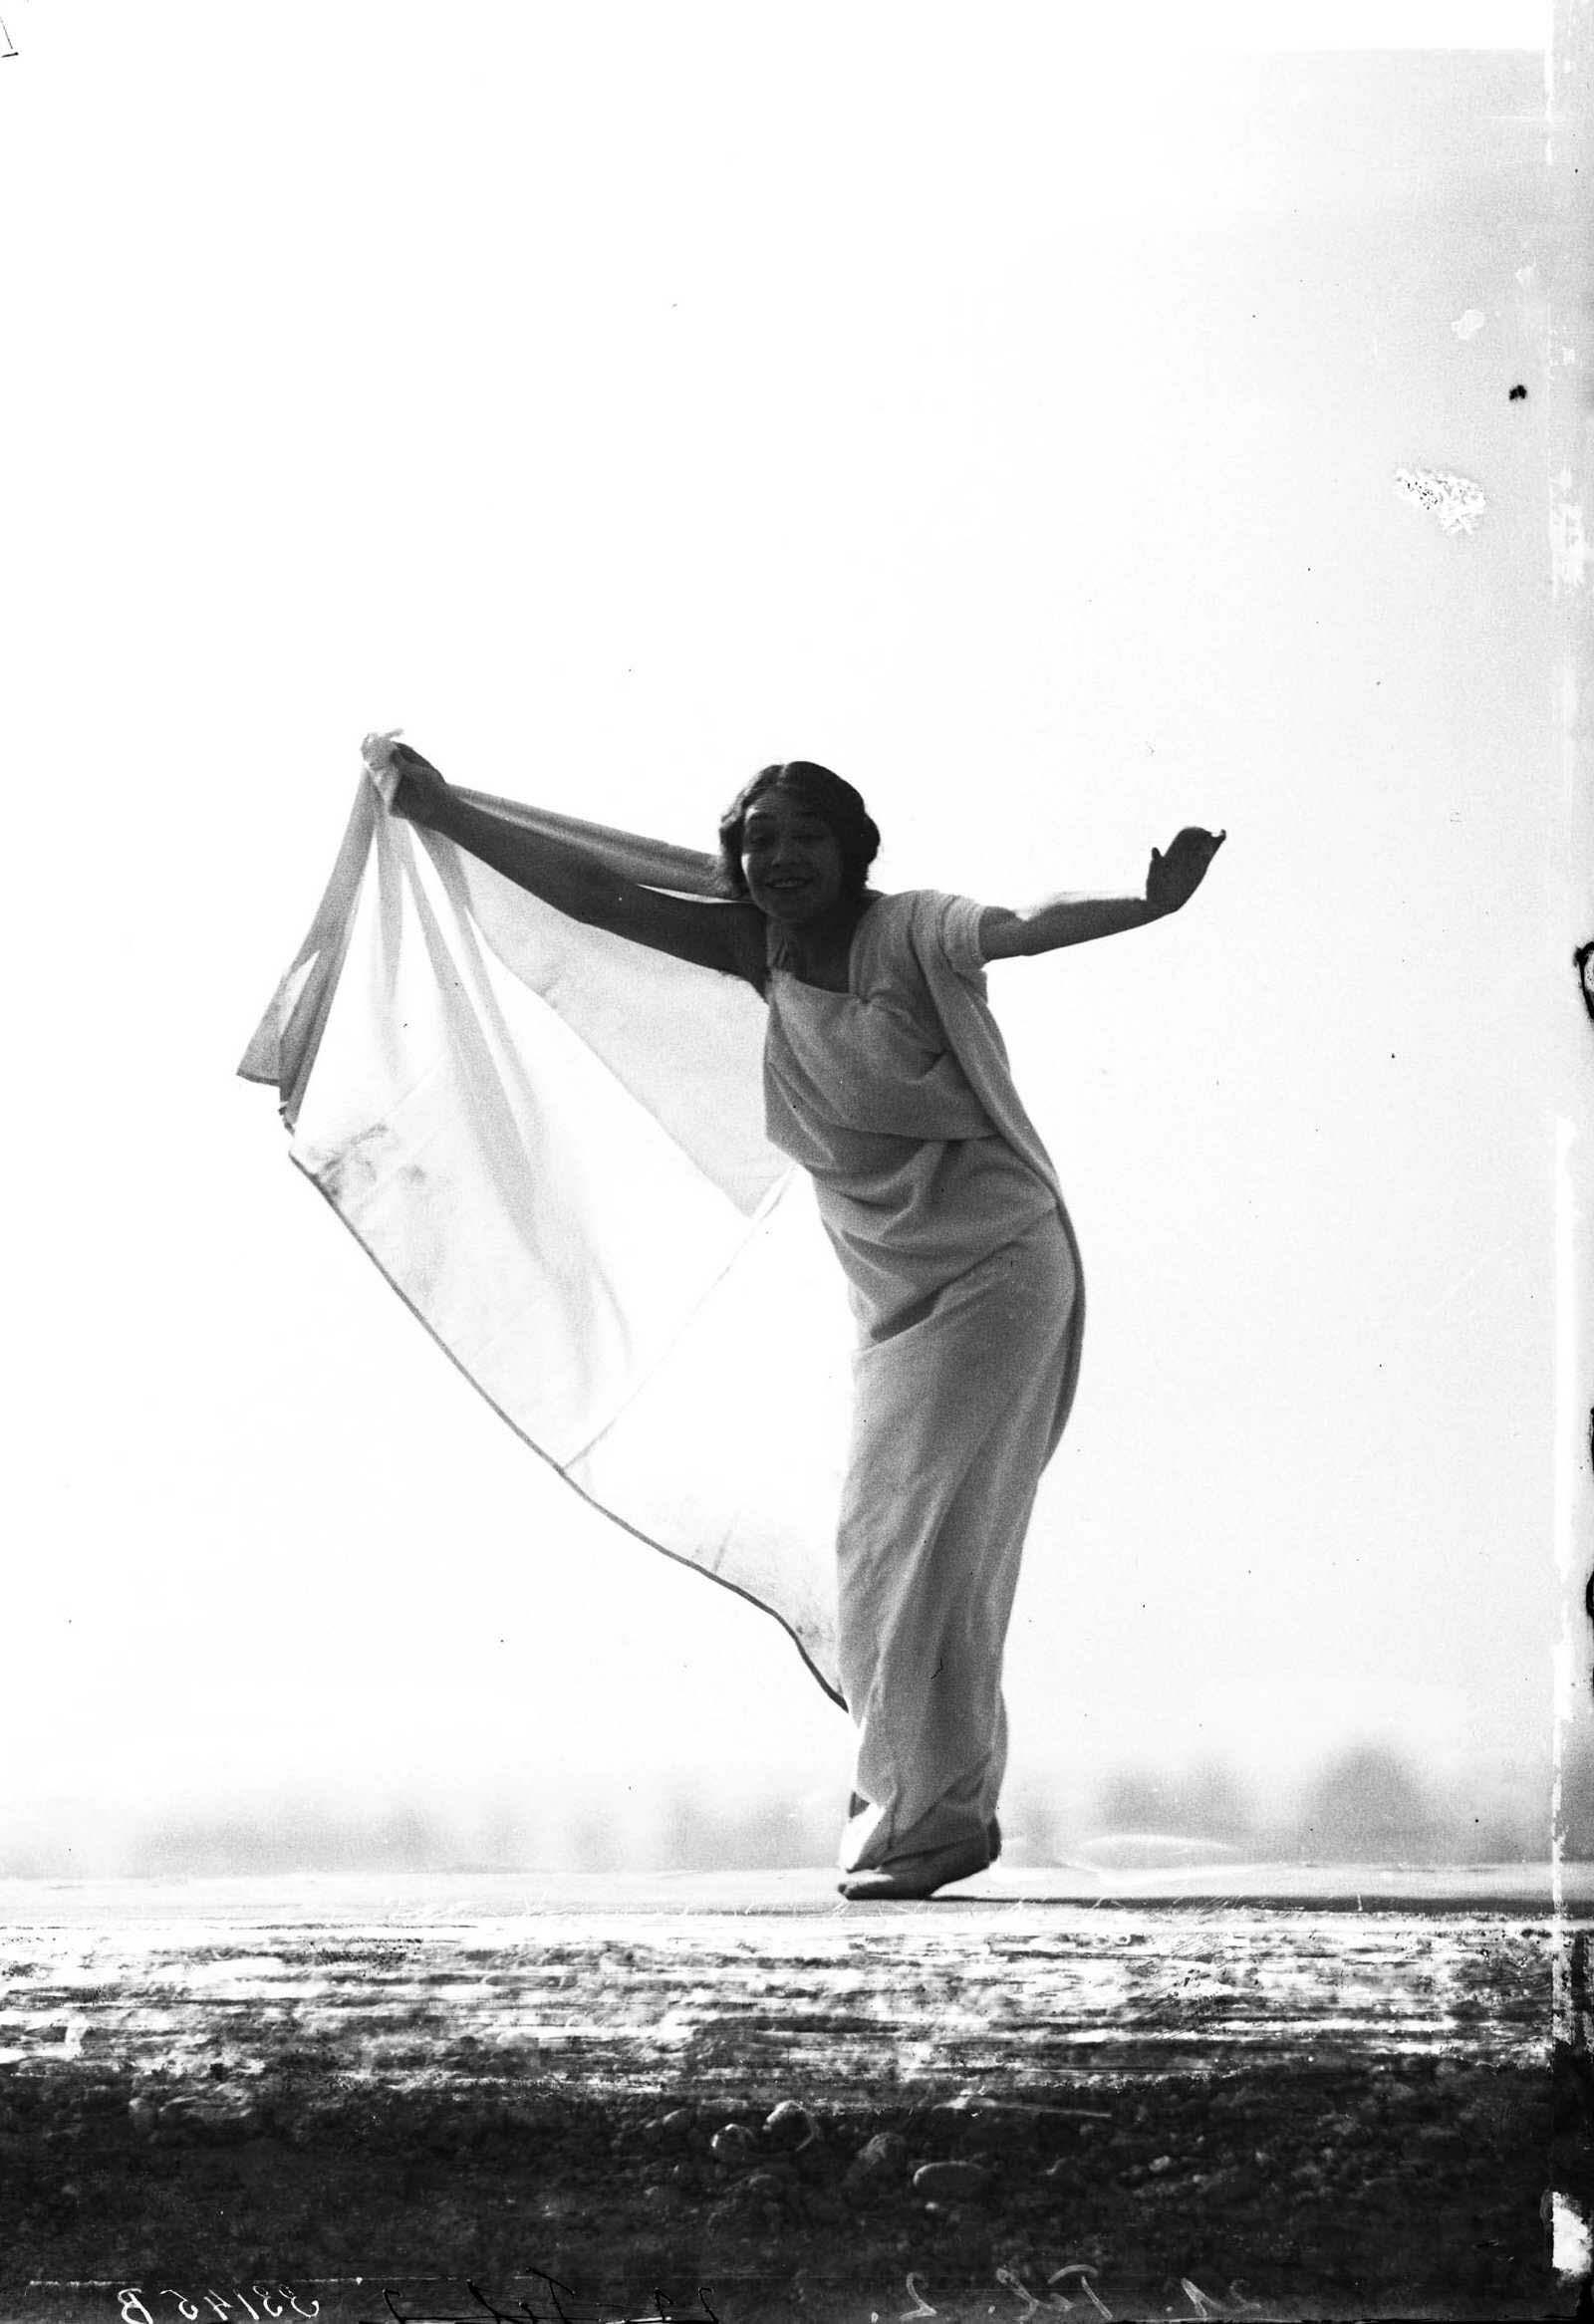 François Frédéric dit Fred Boissonnas - Magdeleine G. dansant sous hypnose, 1902-1904 Négatif au gelatino-bromure d'argent sur verre